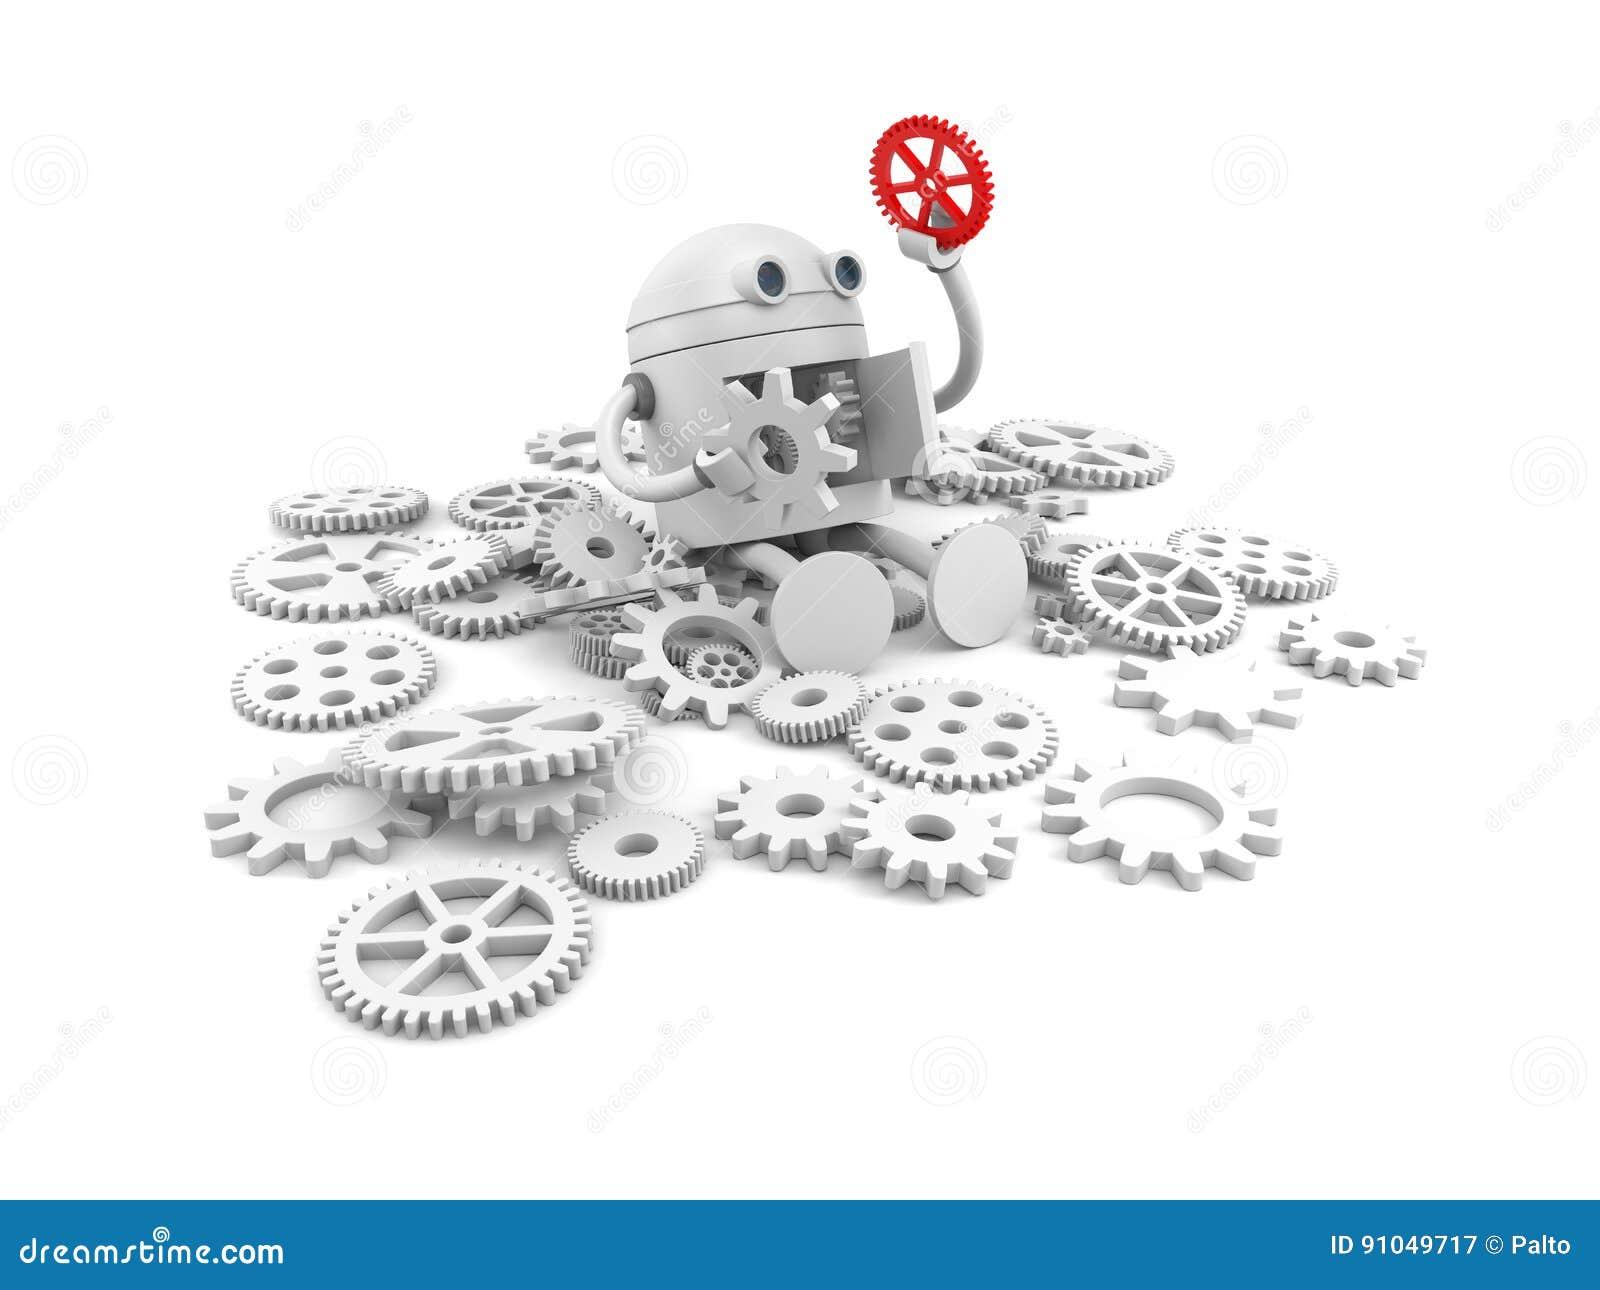 Gebroken robot met details van zijn mechanisme Voor uw websiteprojecten